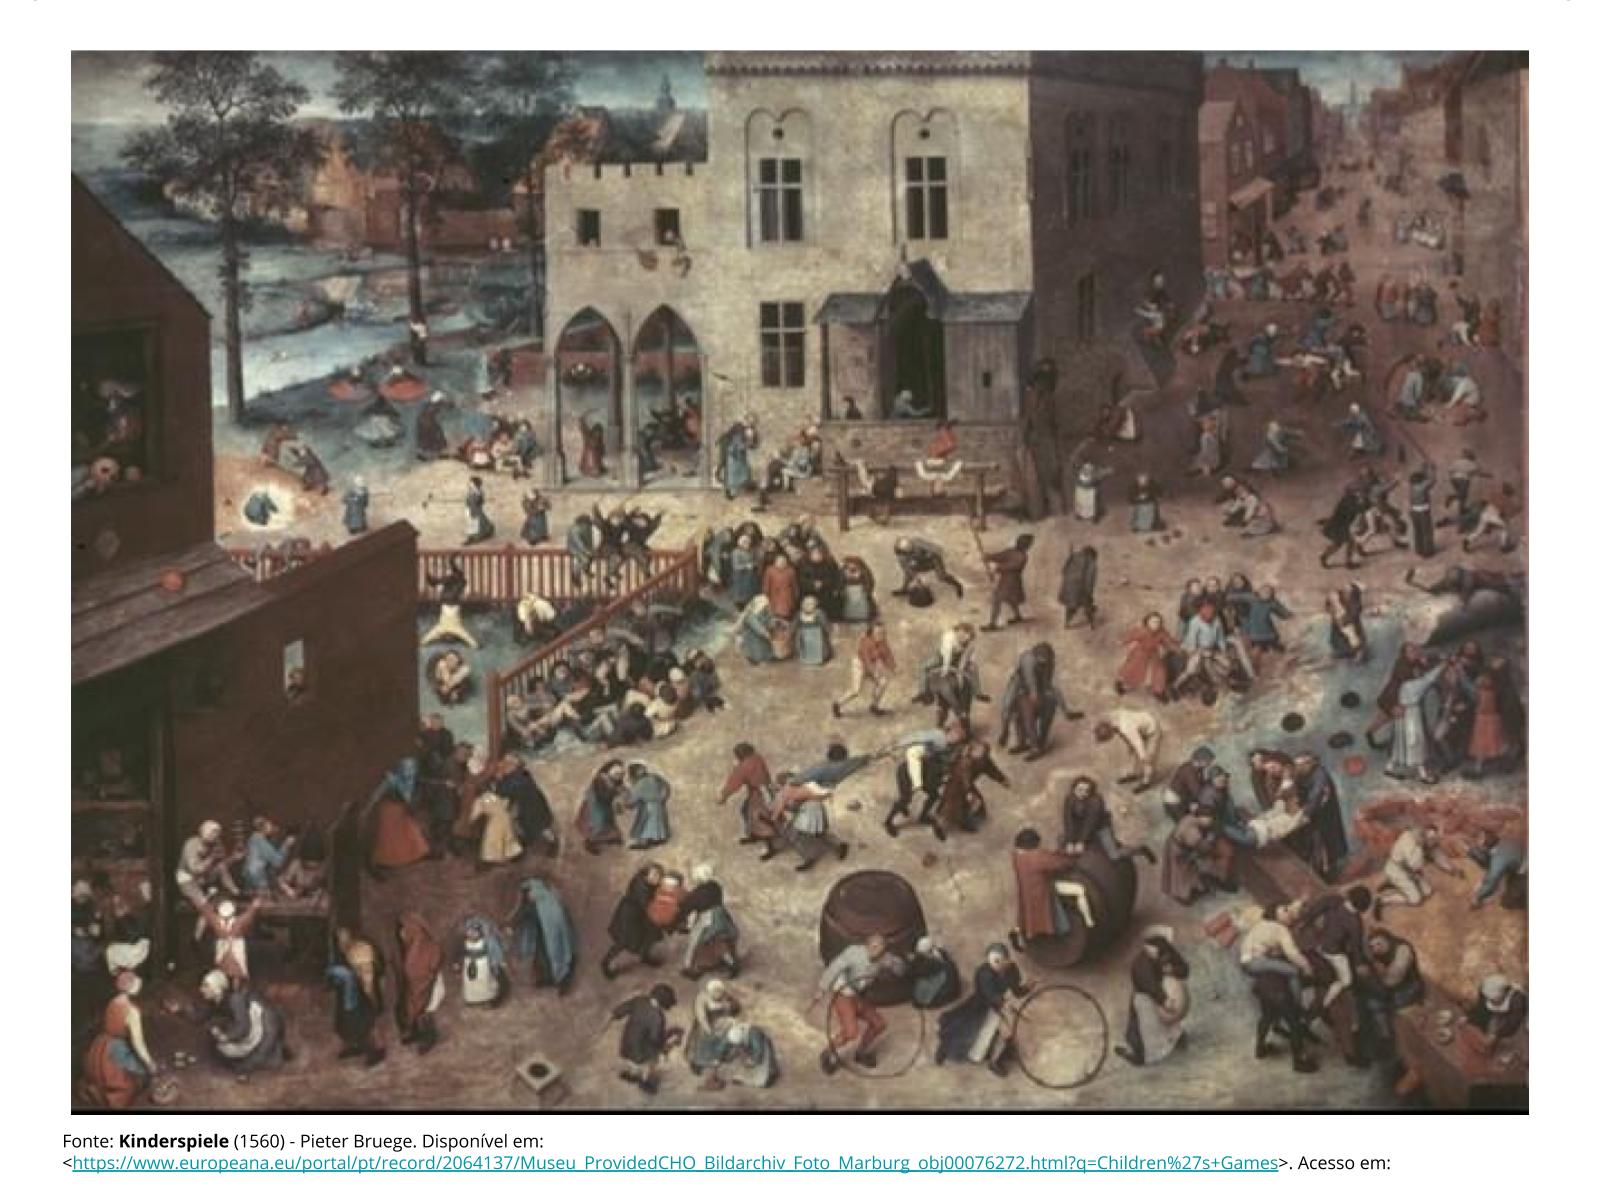 Brincadeiras em expressões artísticas: quebra-cabeças com pinturas